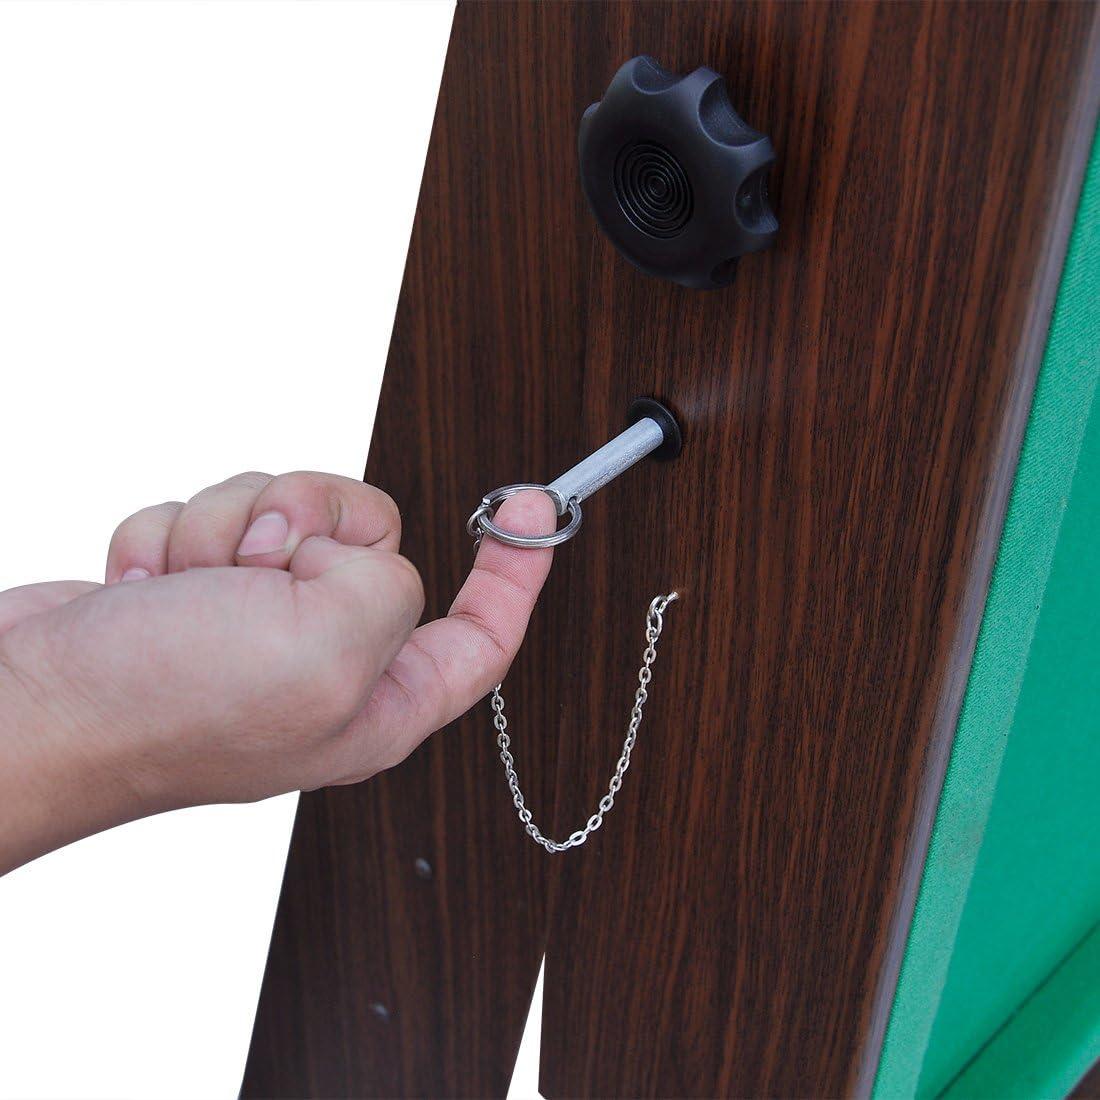 HLC- Mesa de Billar Plegable con Accesorios completos 183 * 91.5 * 79cm Verde,Mini,Juguete,Regalo Ideal para Sus Familiares y Sus niños!: Amazon.es: Juguetes y juegos